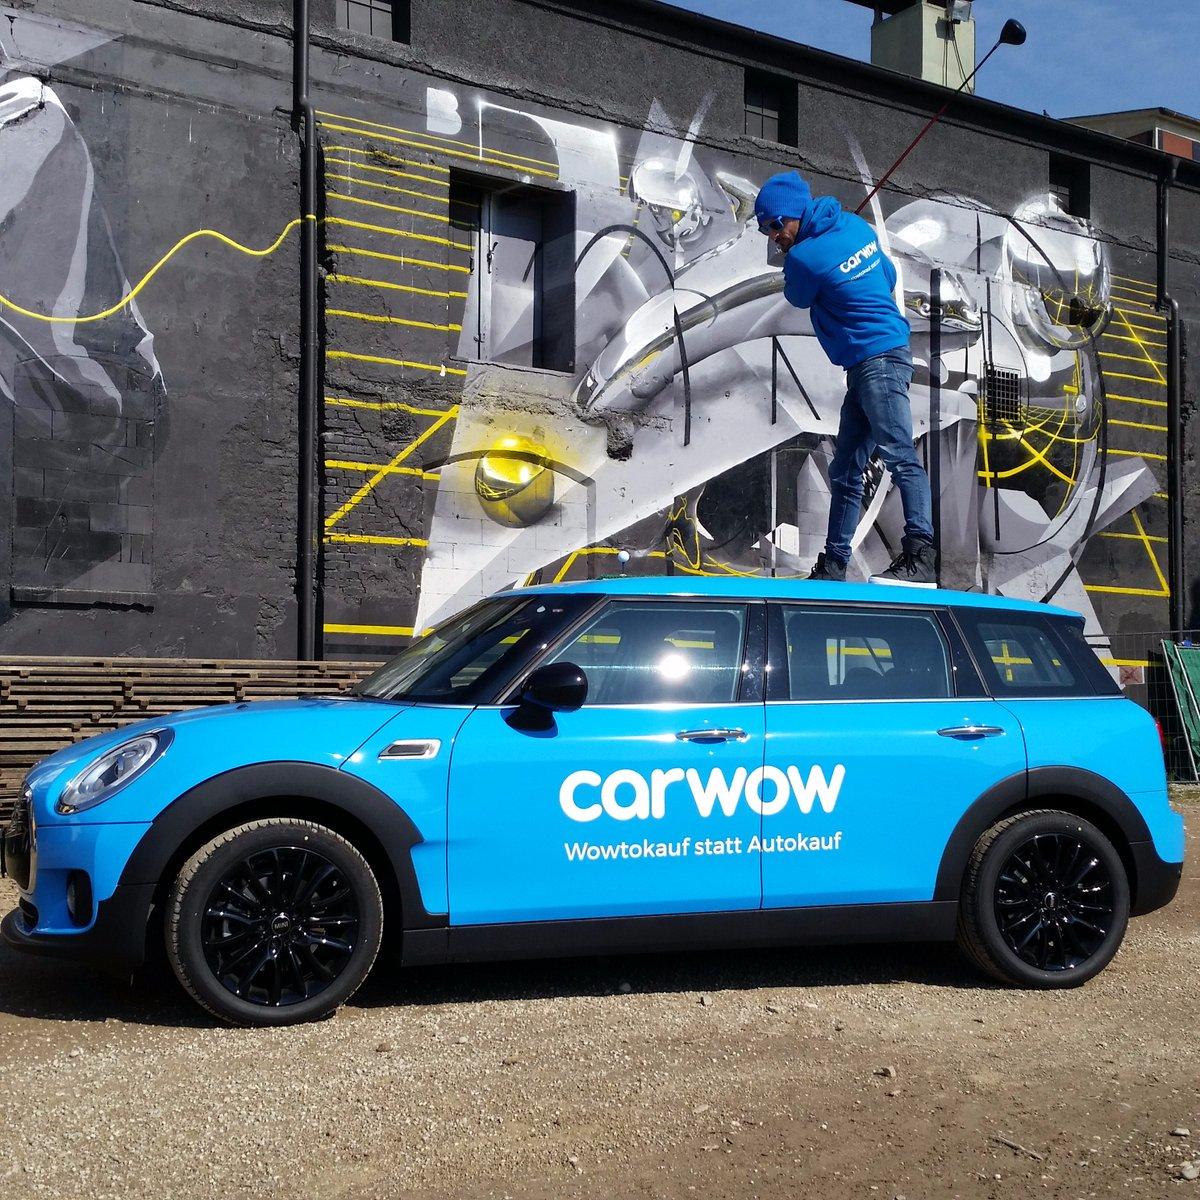 Carwow On Twitter Carwow Humble Carwow Corevalues Grundwert